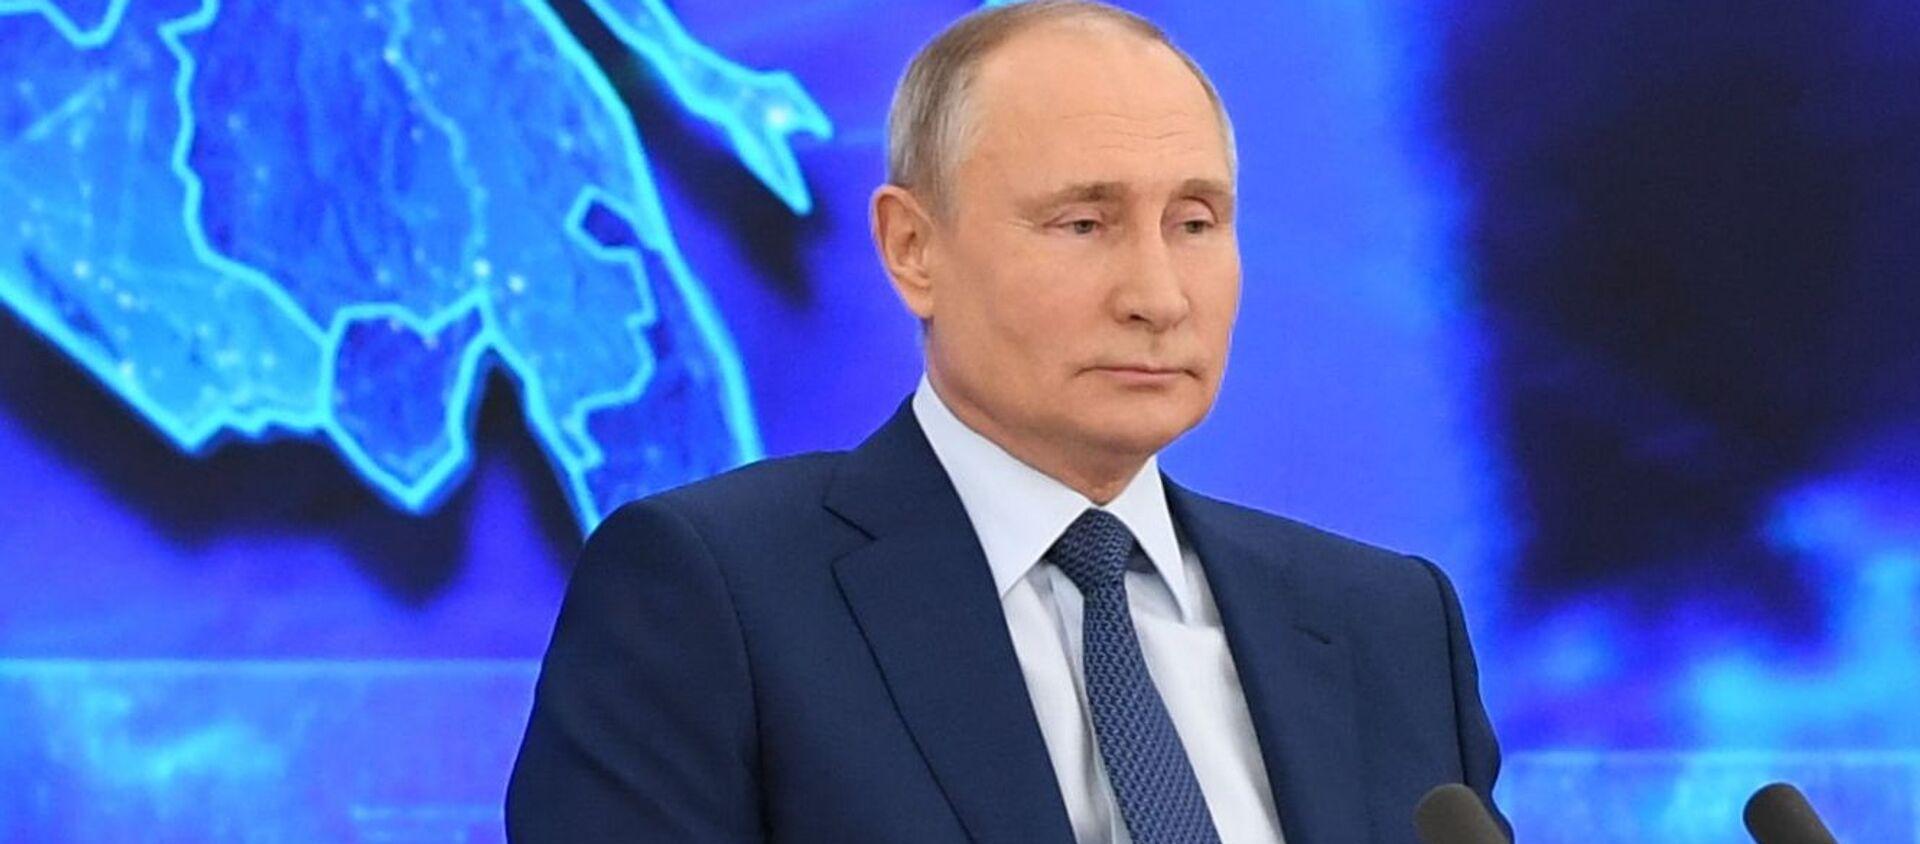 Президент РФ Владимир Путин на большой ежегодной пресс-конференции в режиме видеоконференции - Sputnik Азербайджан, 1920, 23.03.2021